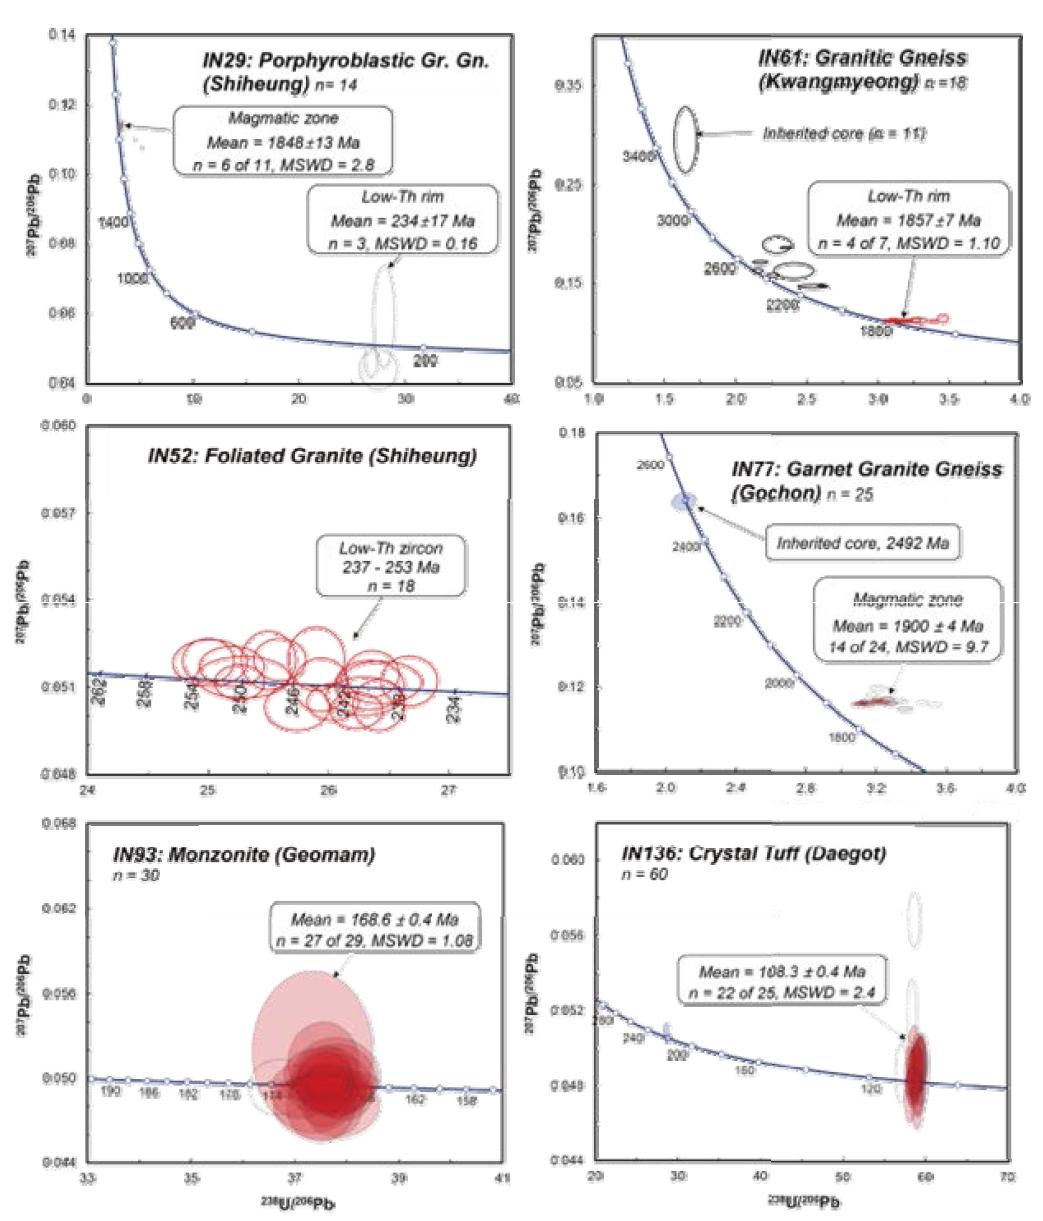 안산-인천-김포 지역에 분포하는 화성암류의 SHRIMP(IN19, IN61, IN52) 및 LA-ICP-MS(IN77, IN93, IN136) U-Pb 저어콘 분석에 의한 콘코디아 다이아그램.